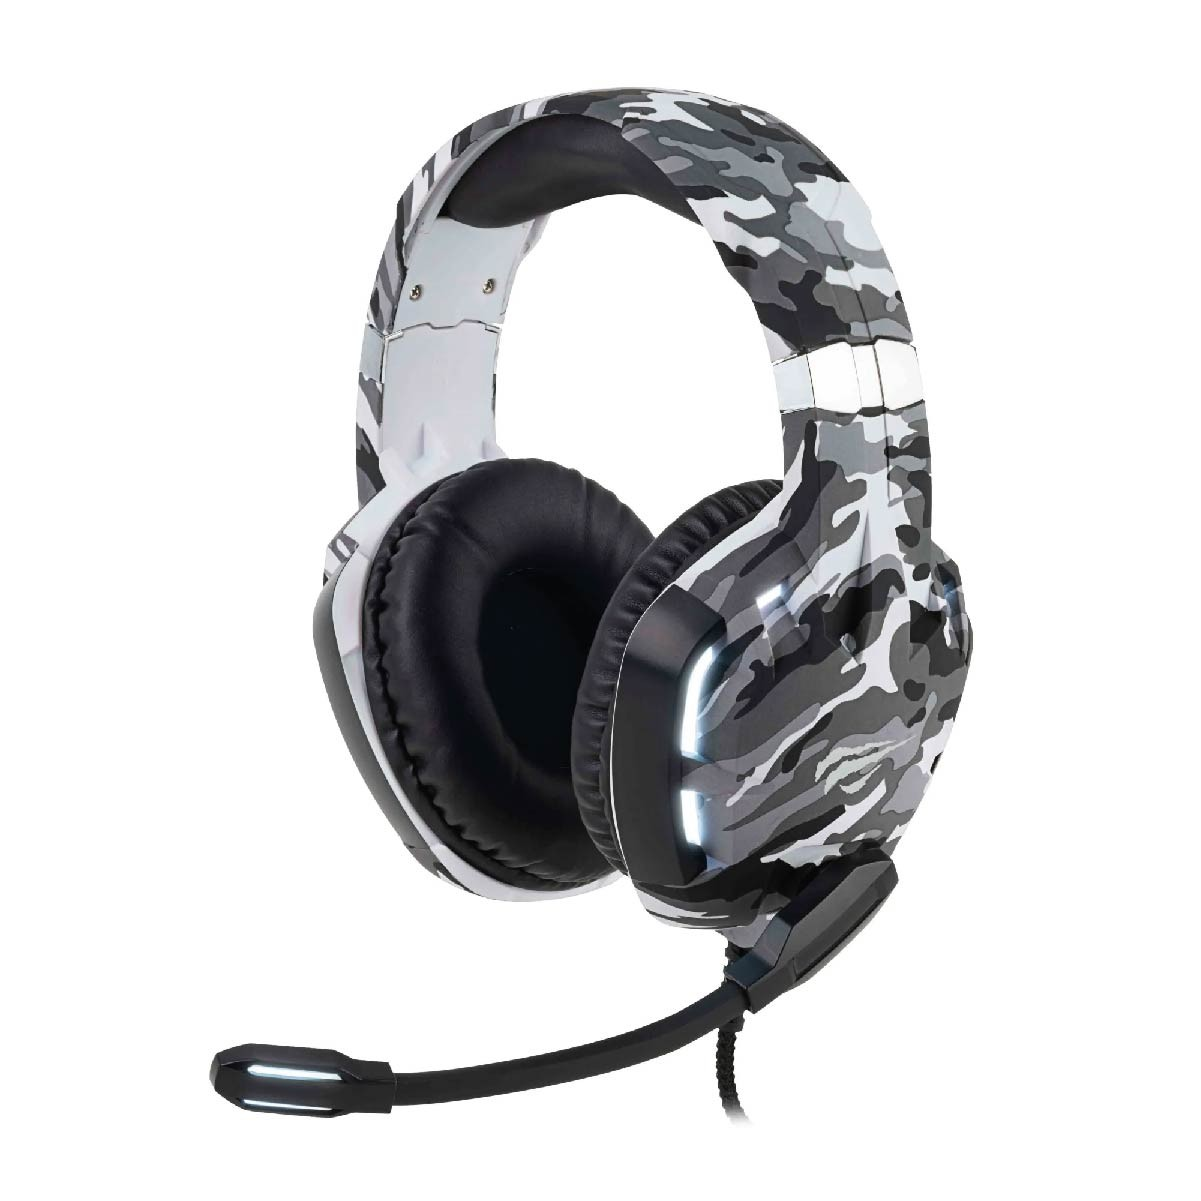 Fone de Ouvido Headset Gamer Havit H2001d